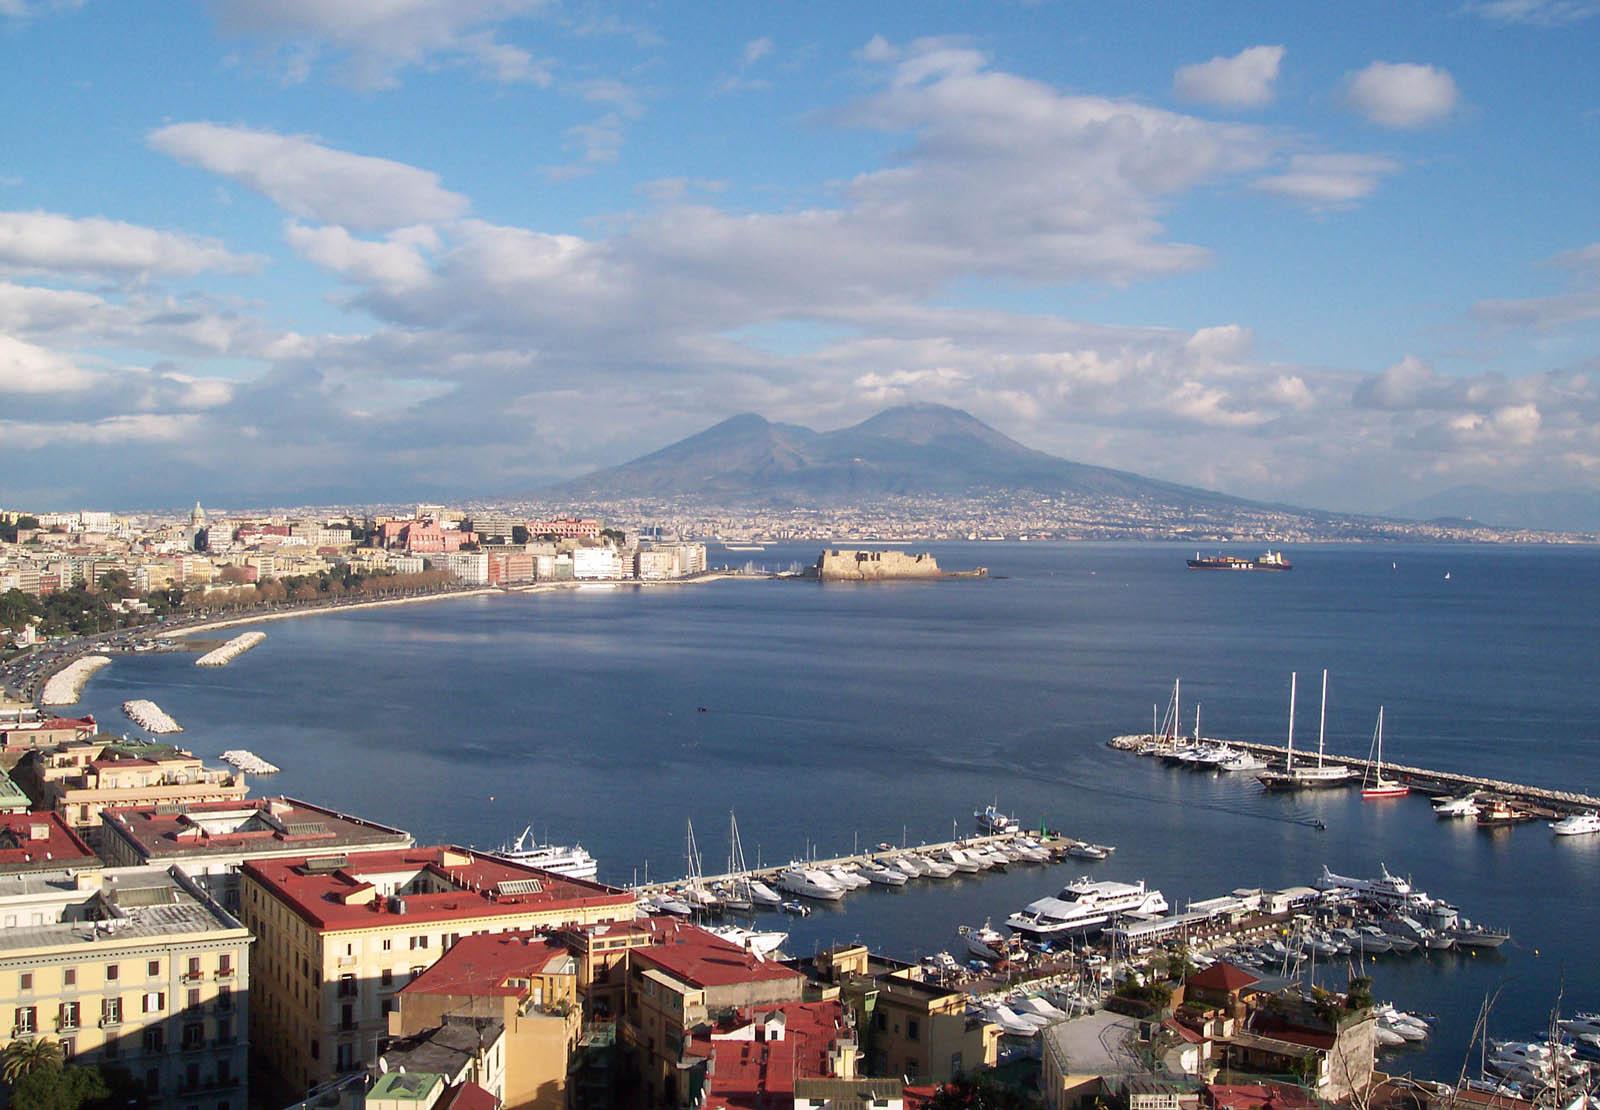 Napolifaschifo: Il video di Antonio Ruocco per combattere i pregiudizi sulla città